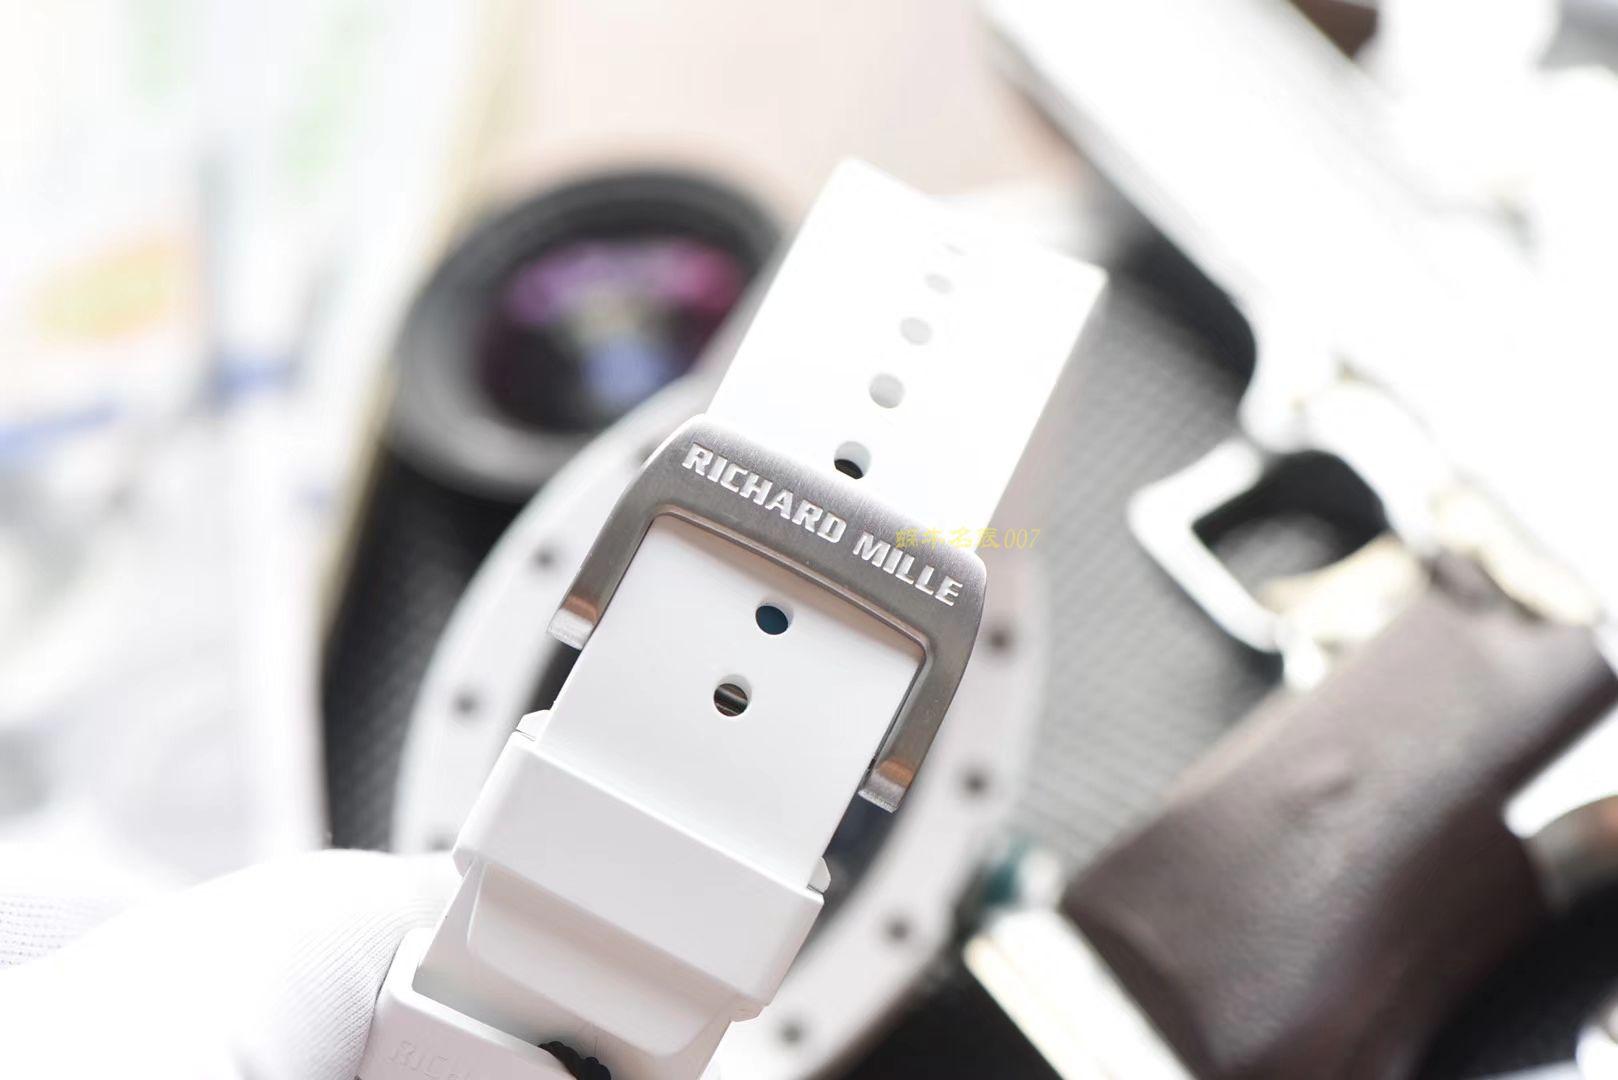 【视频评测】RICHARD MILLE里查德米尔男士系列RM 055腕表【KV一比一超A高仿手表】